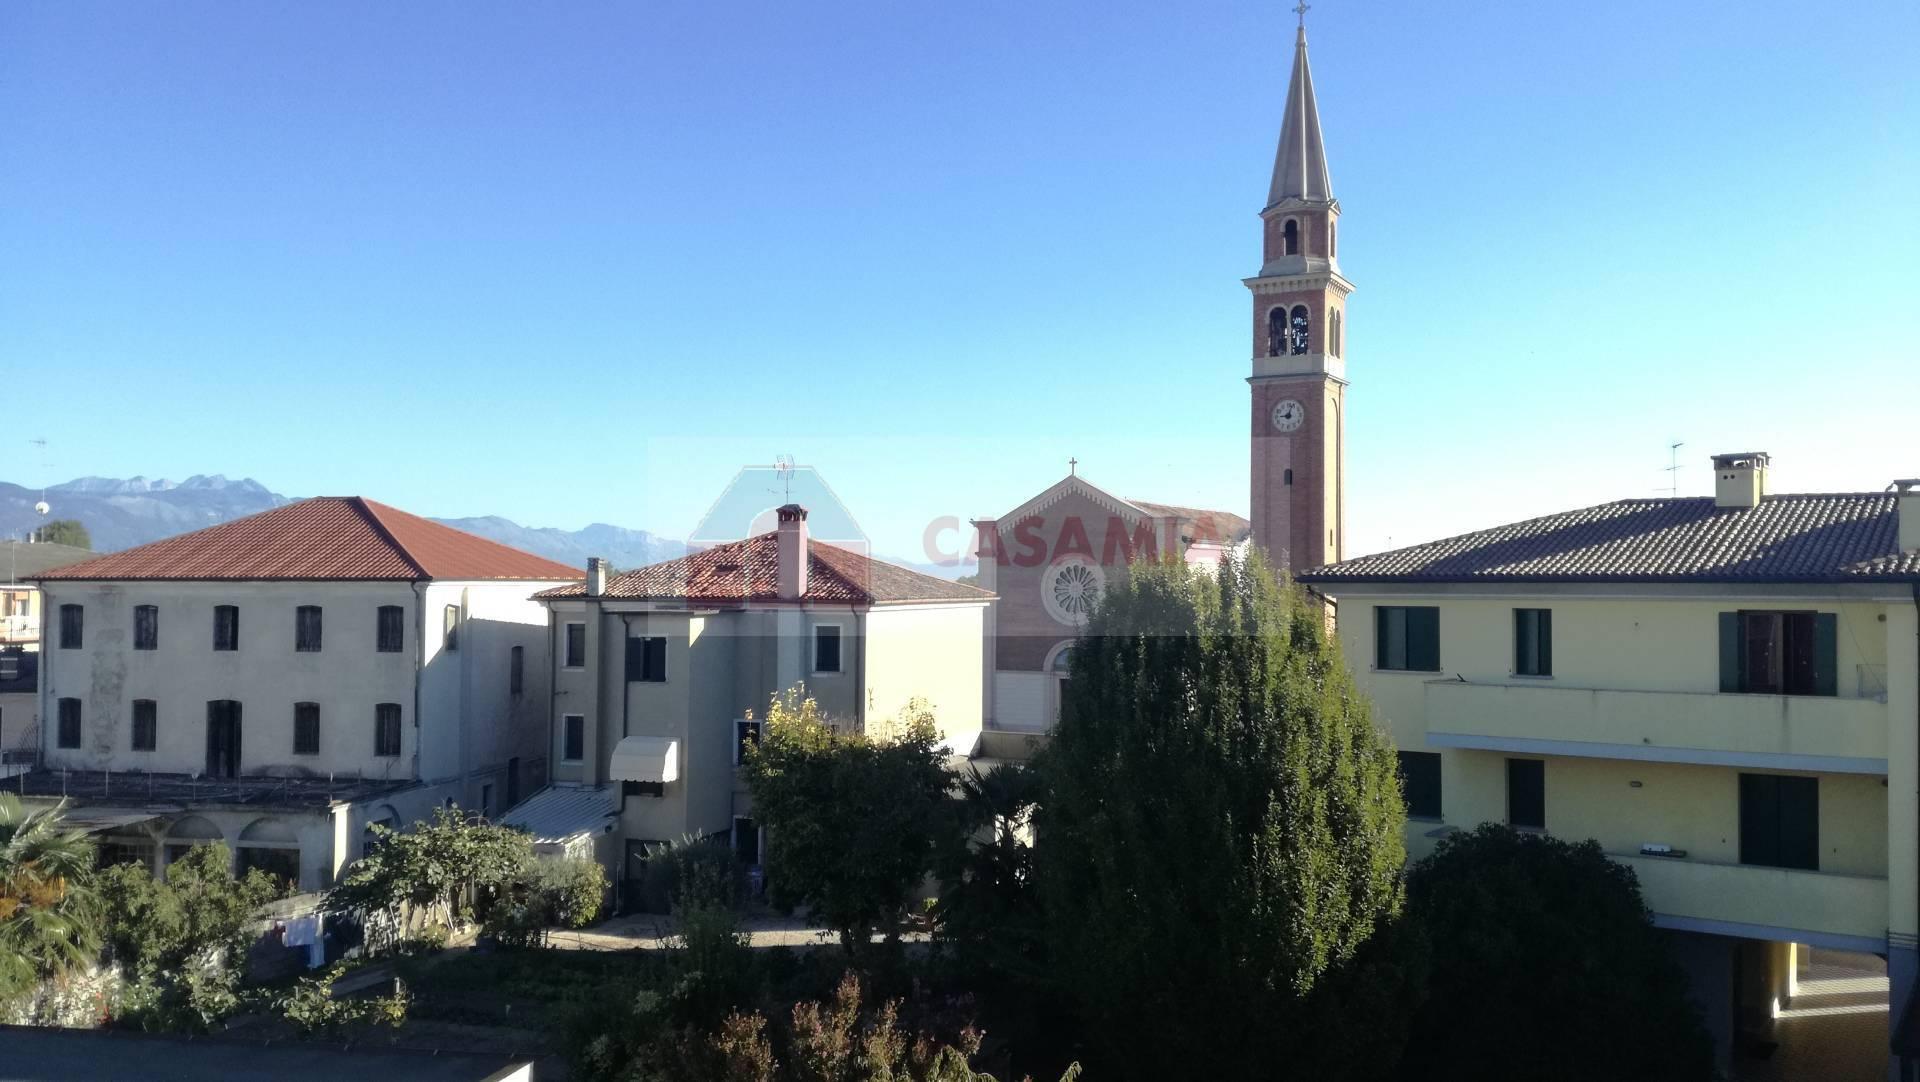 Appartamento in vendita a Vazzola, 4 locali, prezzo € 95.000 | PortaleAgenzieImmobiliari.it